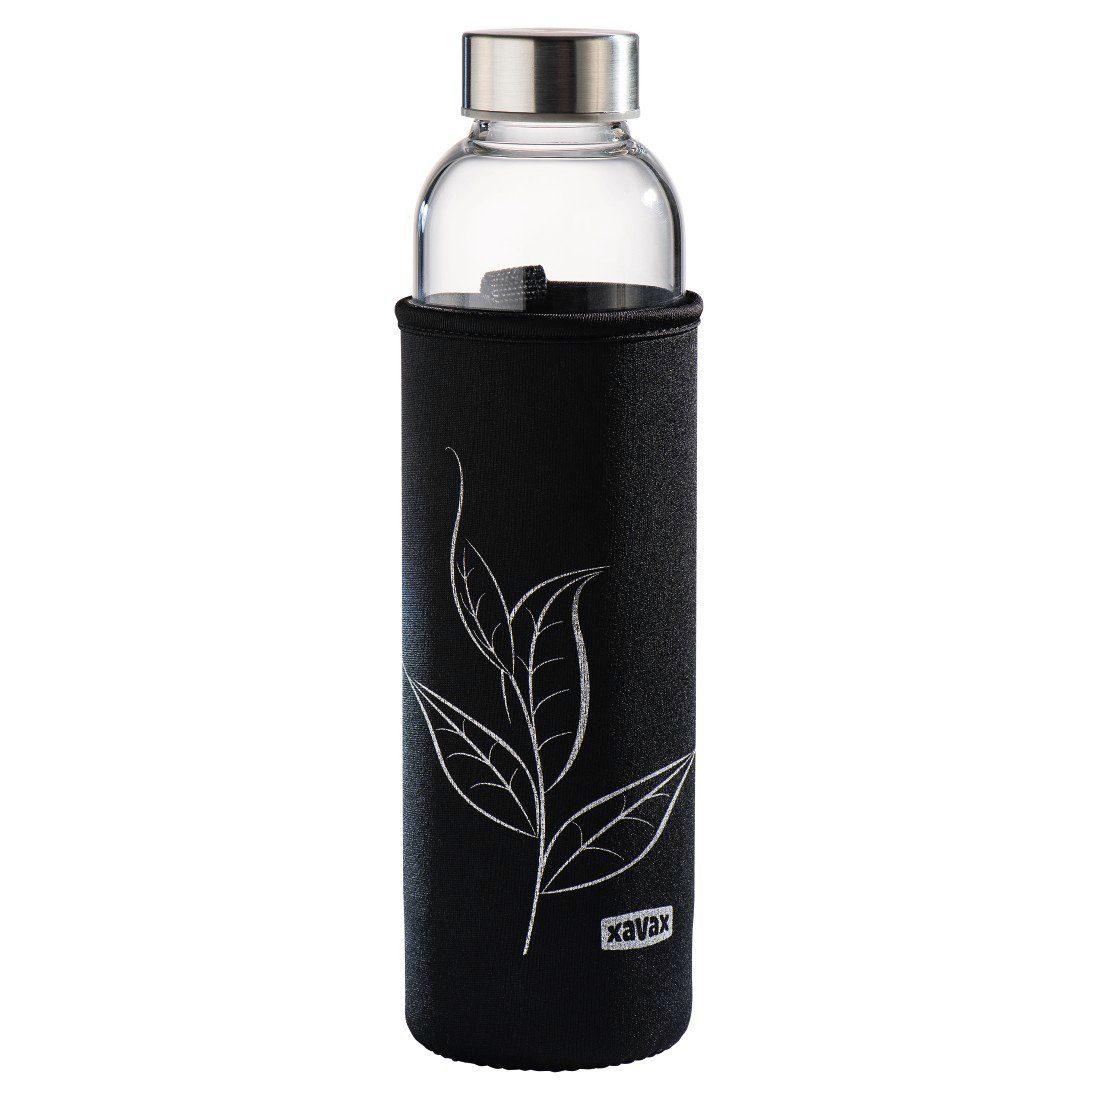 Xavax Glasflasche mit Sieb, Teeflasche, Trinkflasche schwarz Kinder Aufbewahrung Küchenhelfer Haushaltswaren Schulartikel 00111233